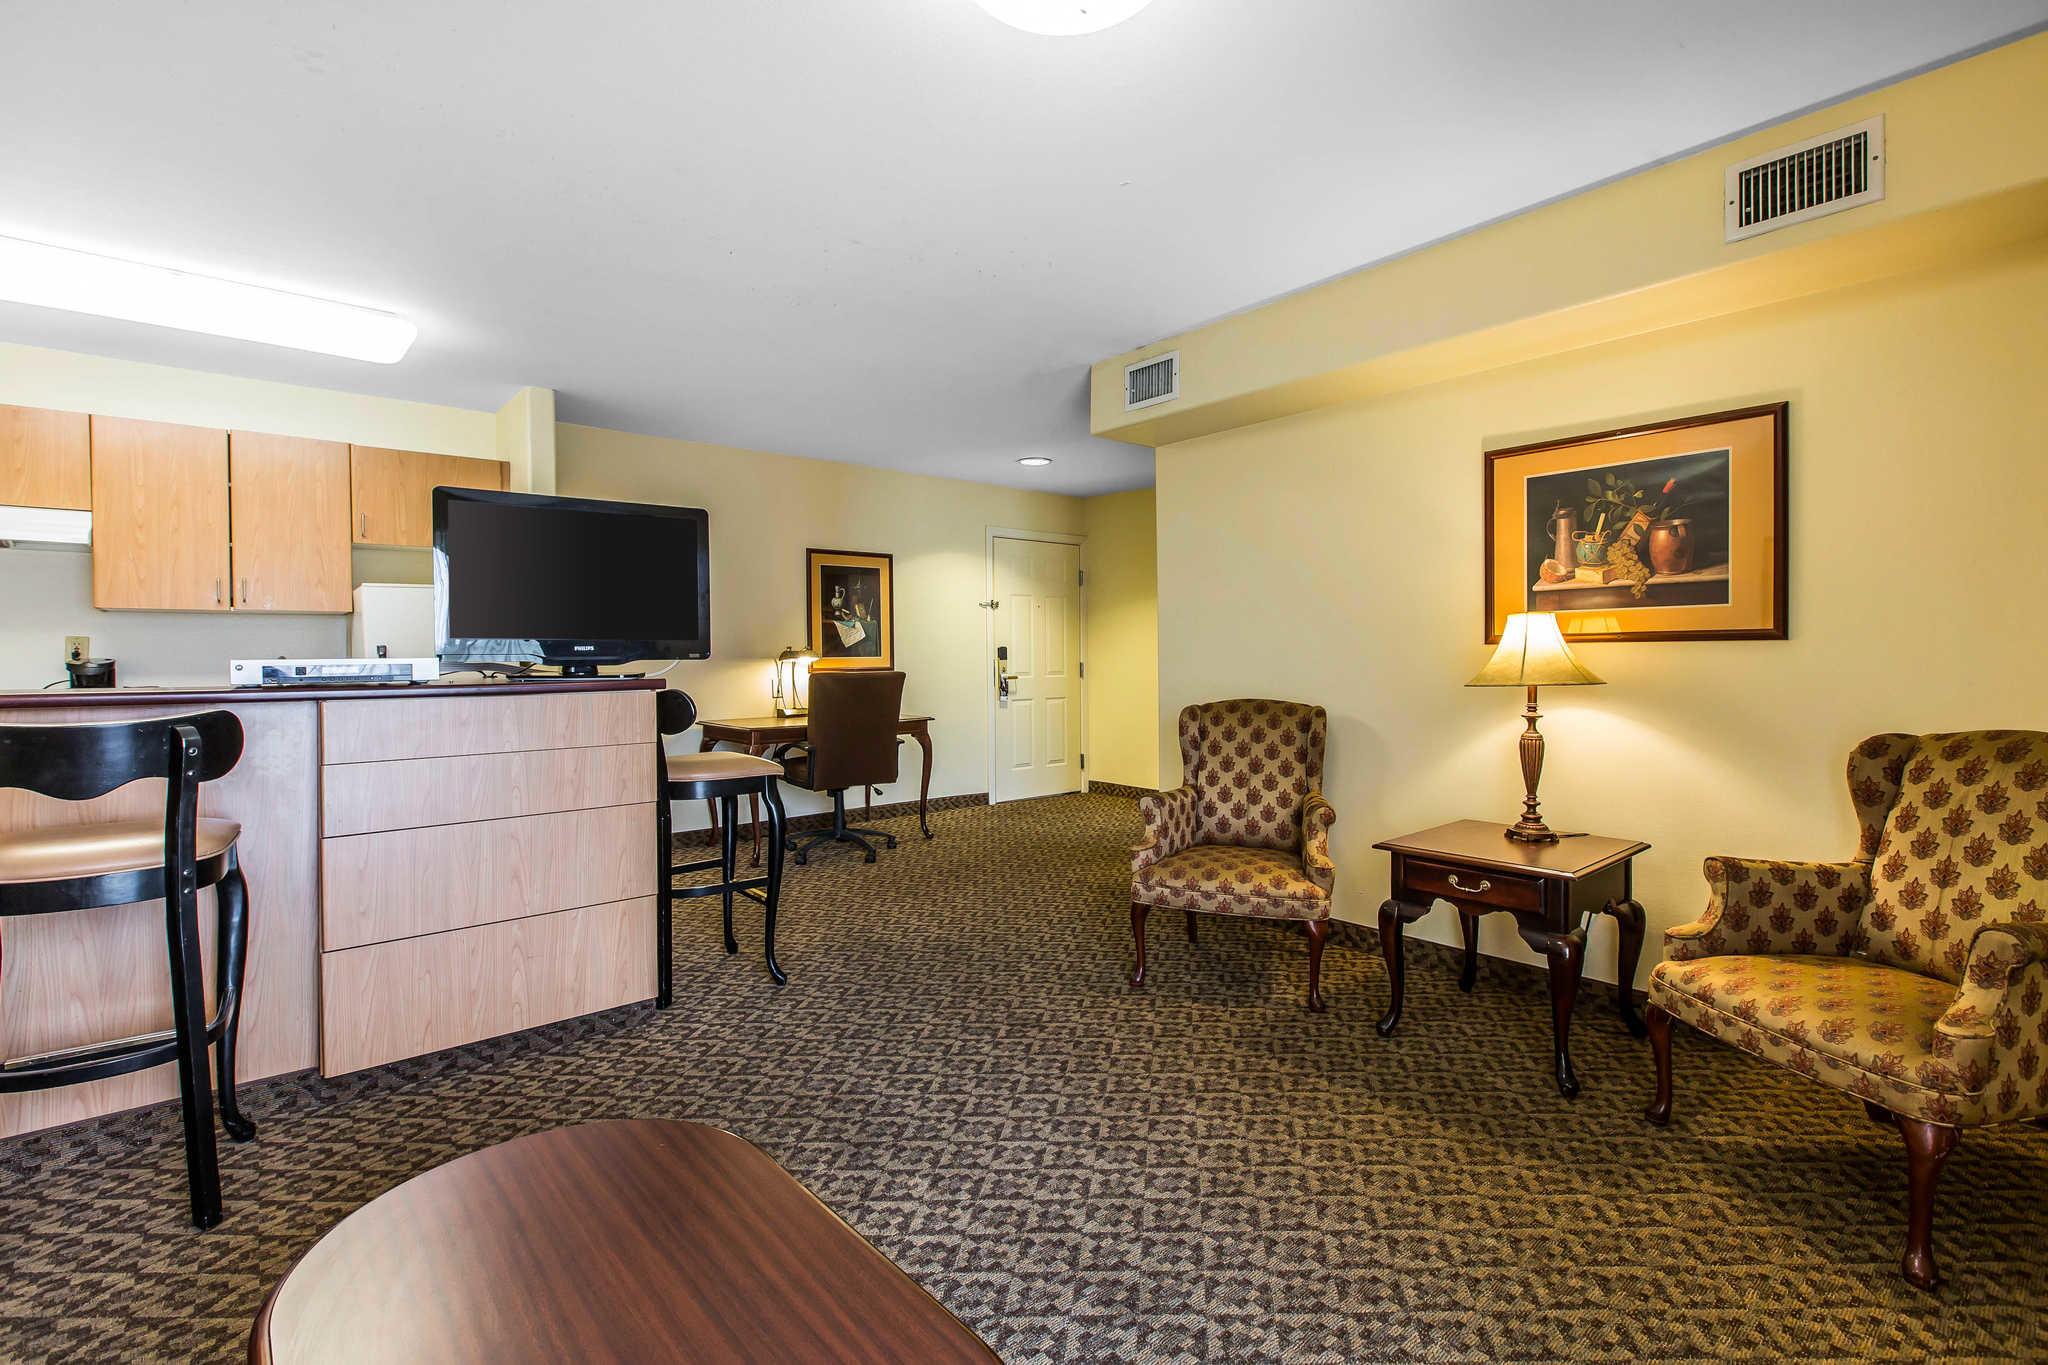 Comfort Inn & Suites El Centro I-8 image 27